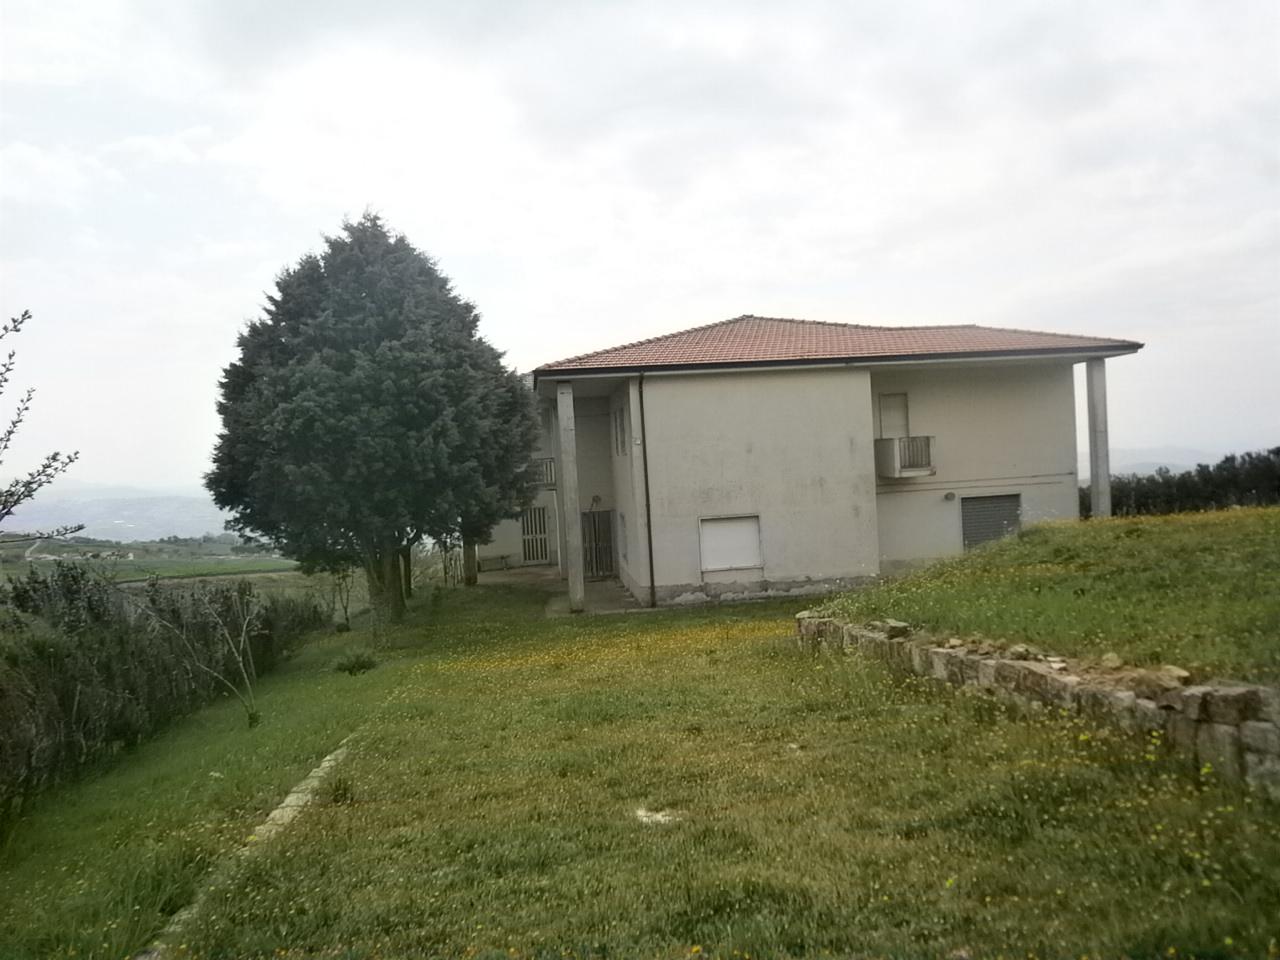 Soluzione Indipendente in vendita a Buonalbergo, 20 locali, prezzo € 89.000 | CambioCasa.it